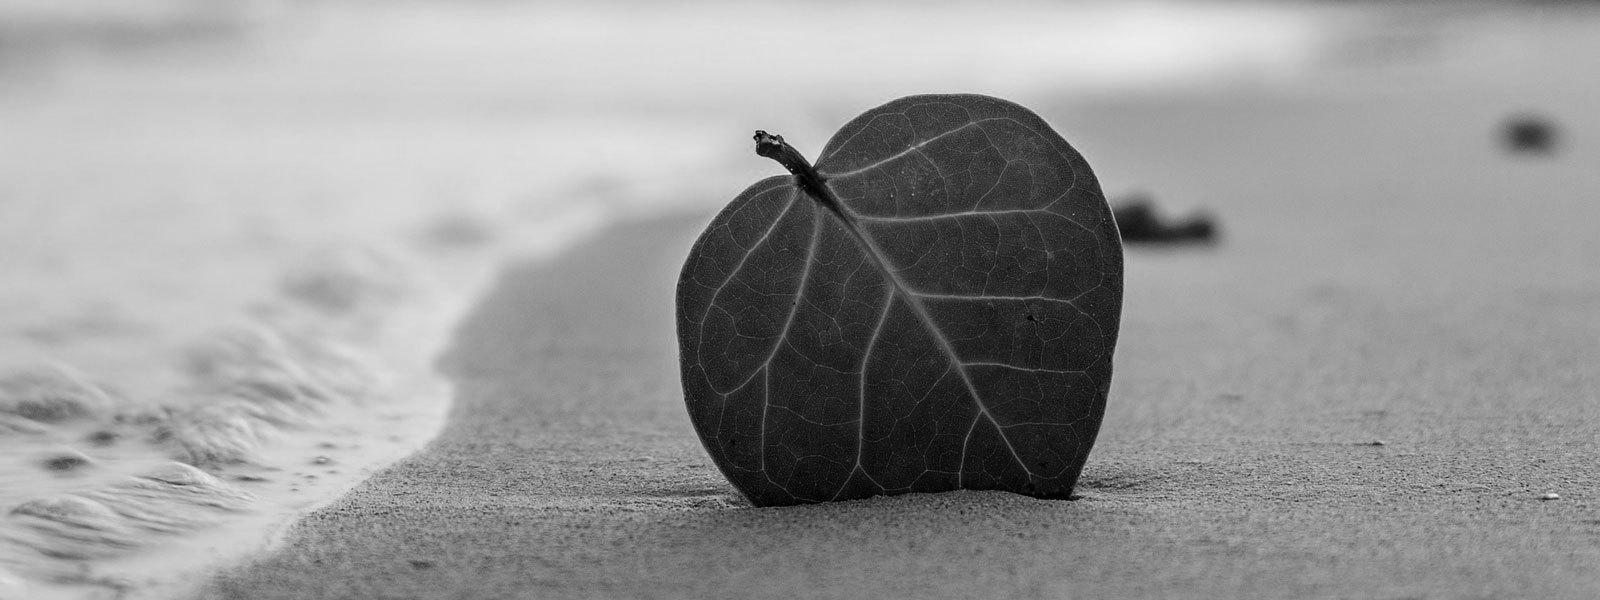 Evangelho e minimalismo | Desapego de coisas desnecessárias